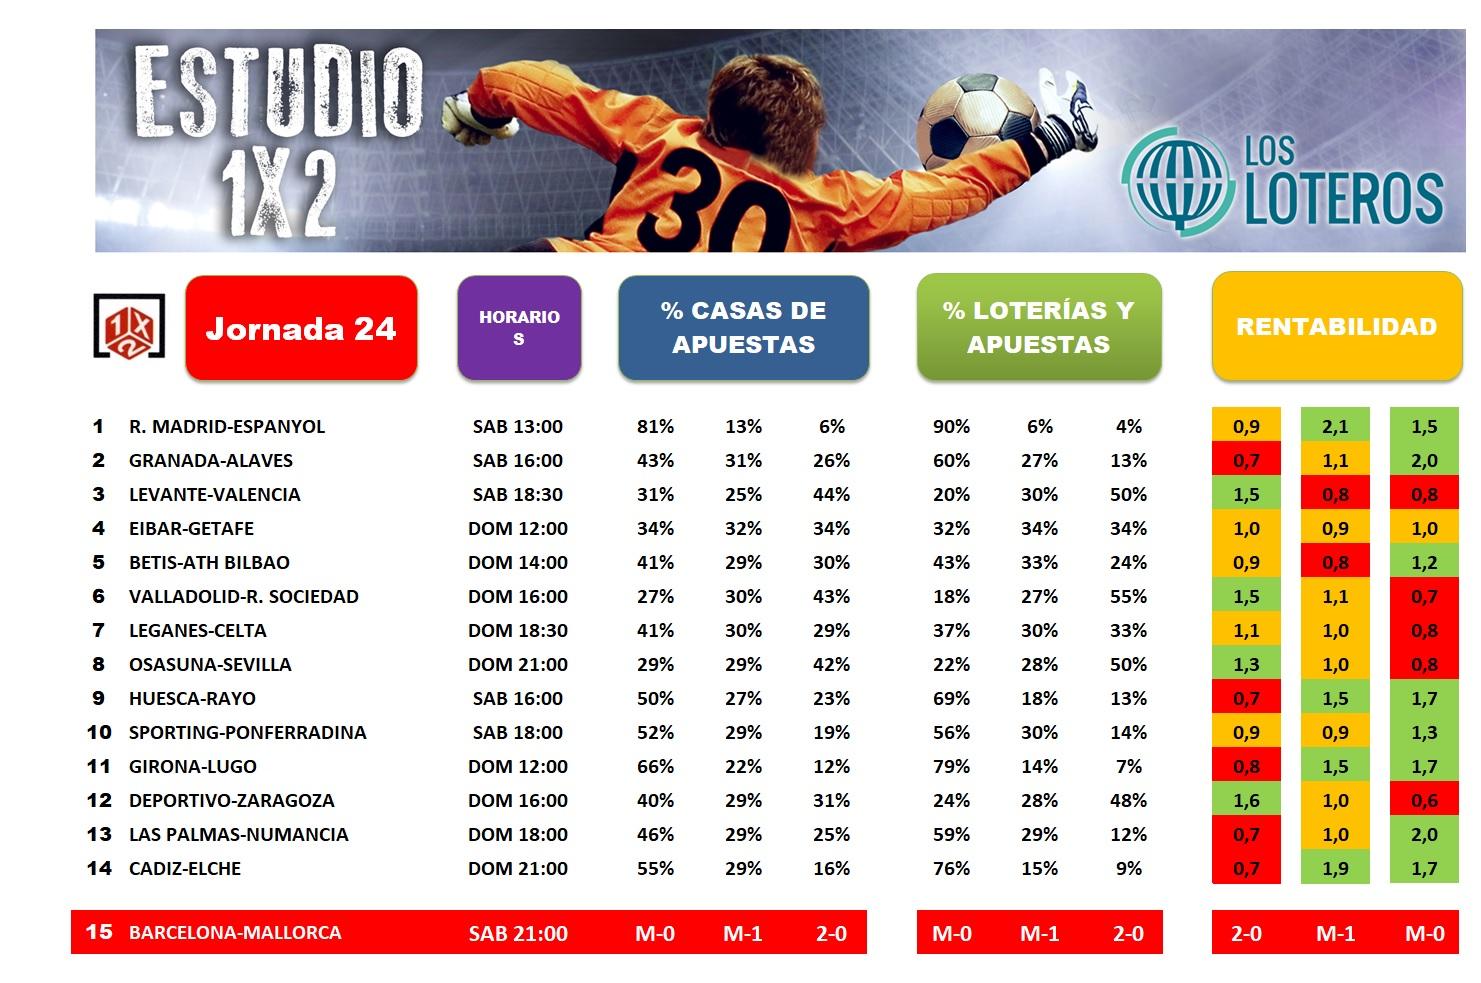 ESTUDIO J24